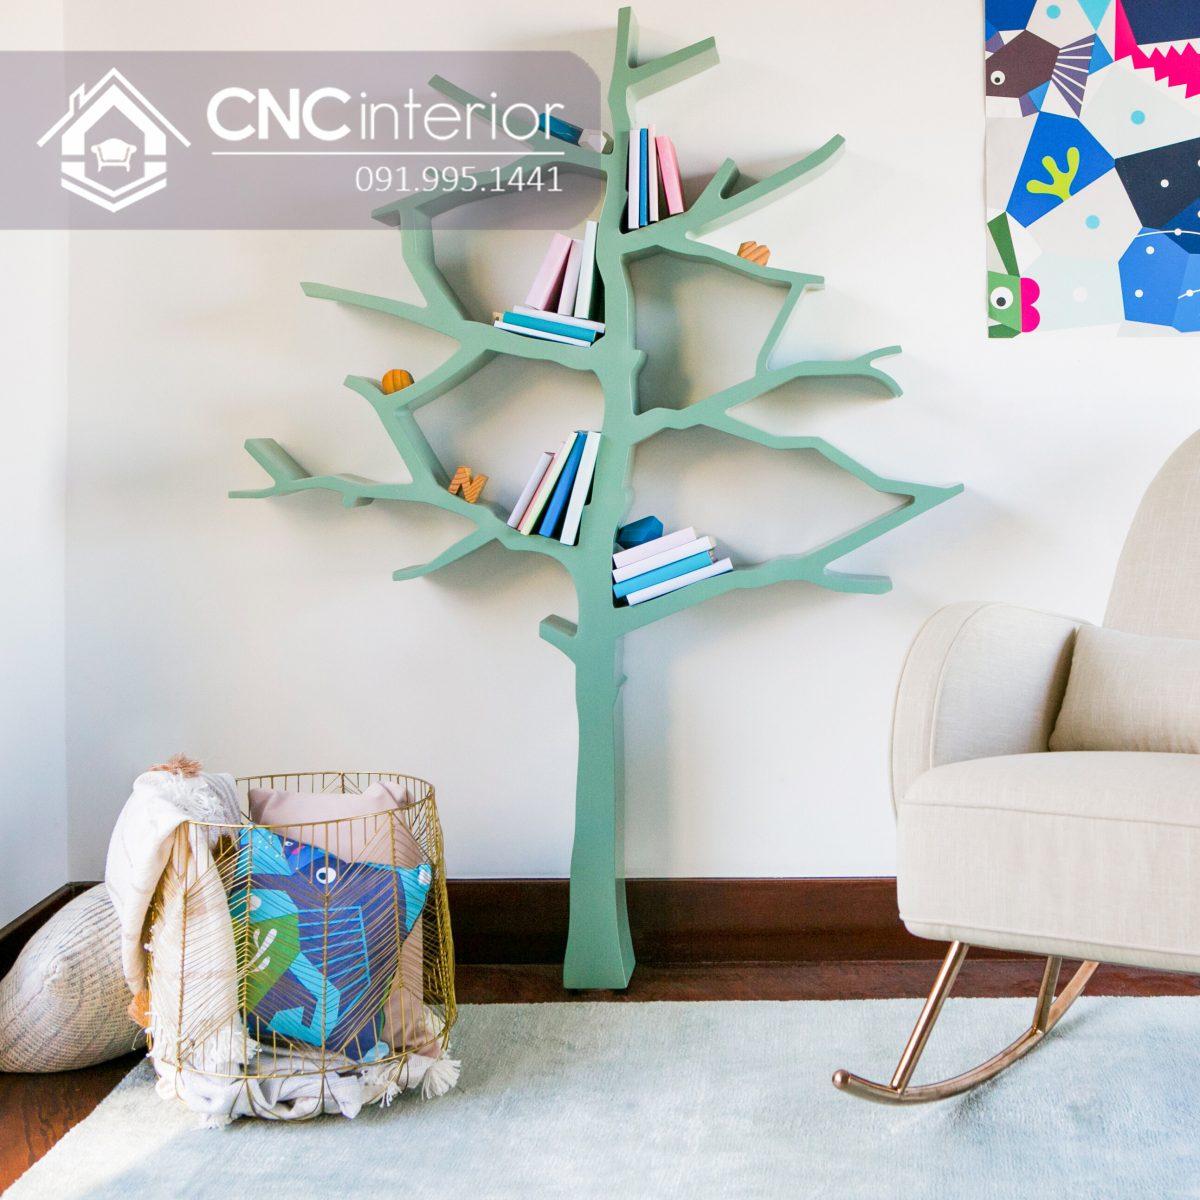 Giá sách hình cây được thiết kế khéo léo và đẹp mắt